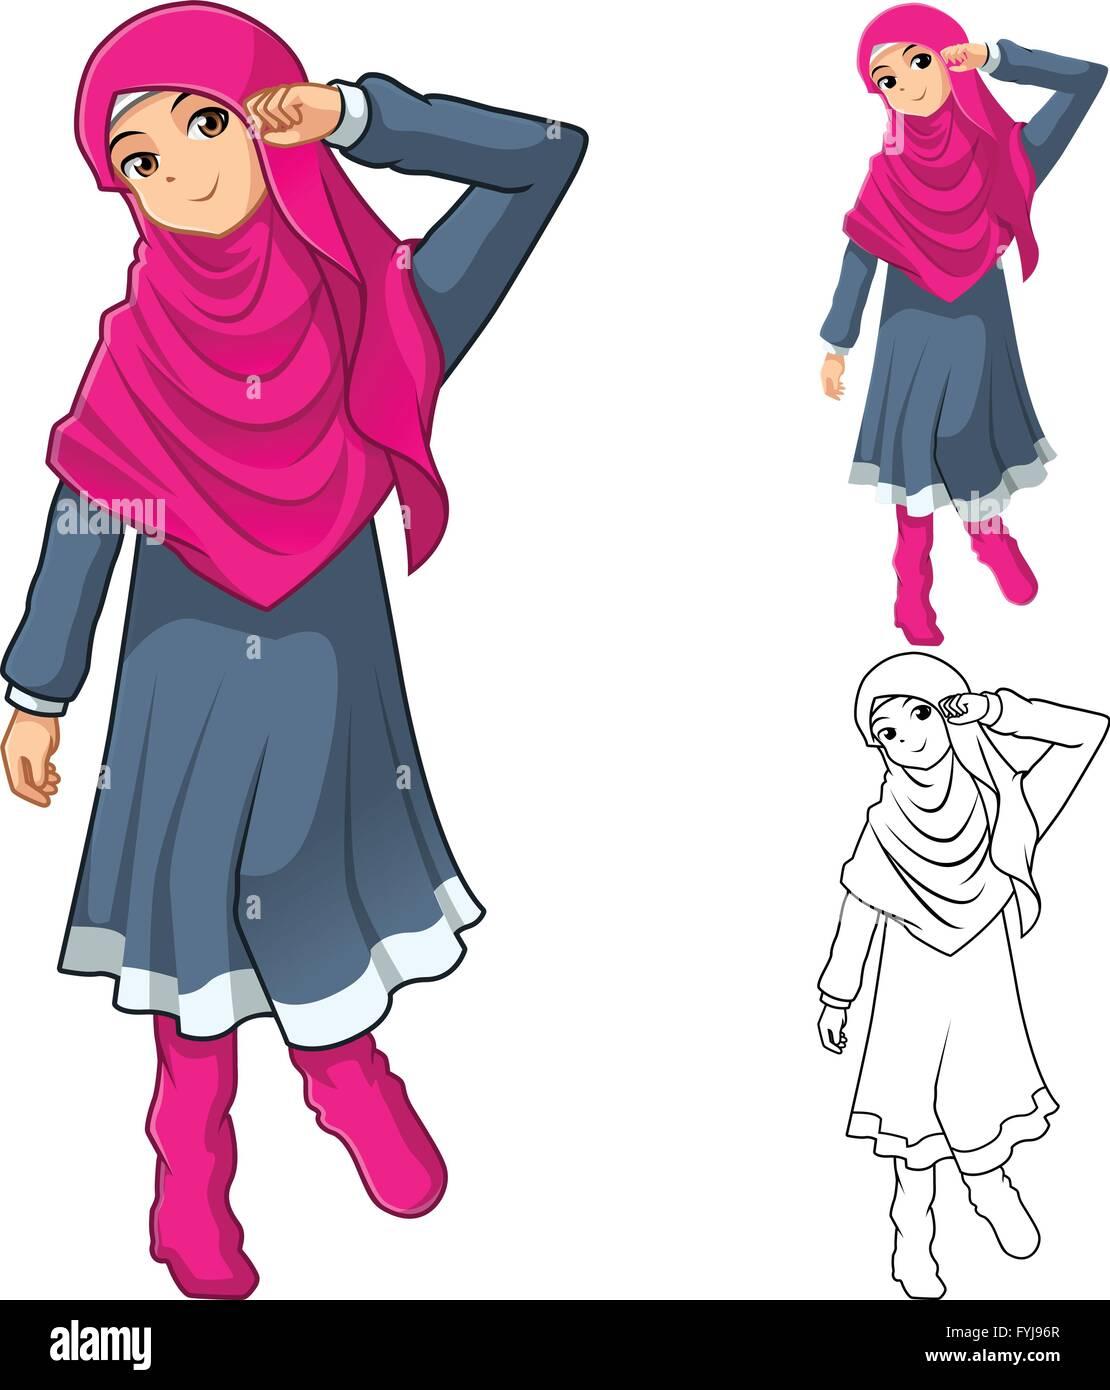 Mode Fille Musulmane Portant Le Voile Ou Un Foulard Rose Robe Et Bottes Avec Television Conception Et Dessin Anime Version Decrit Image Vectorielle Stock Alamy